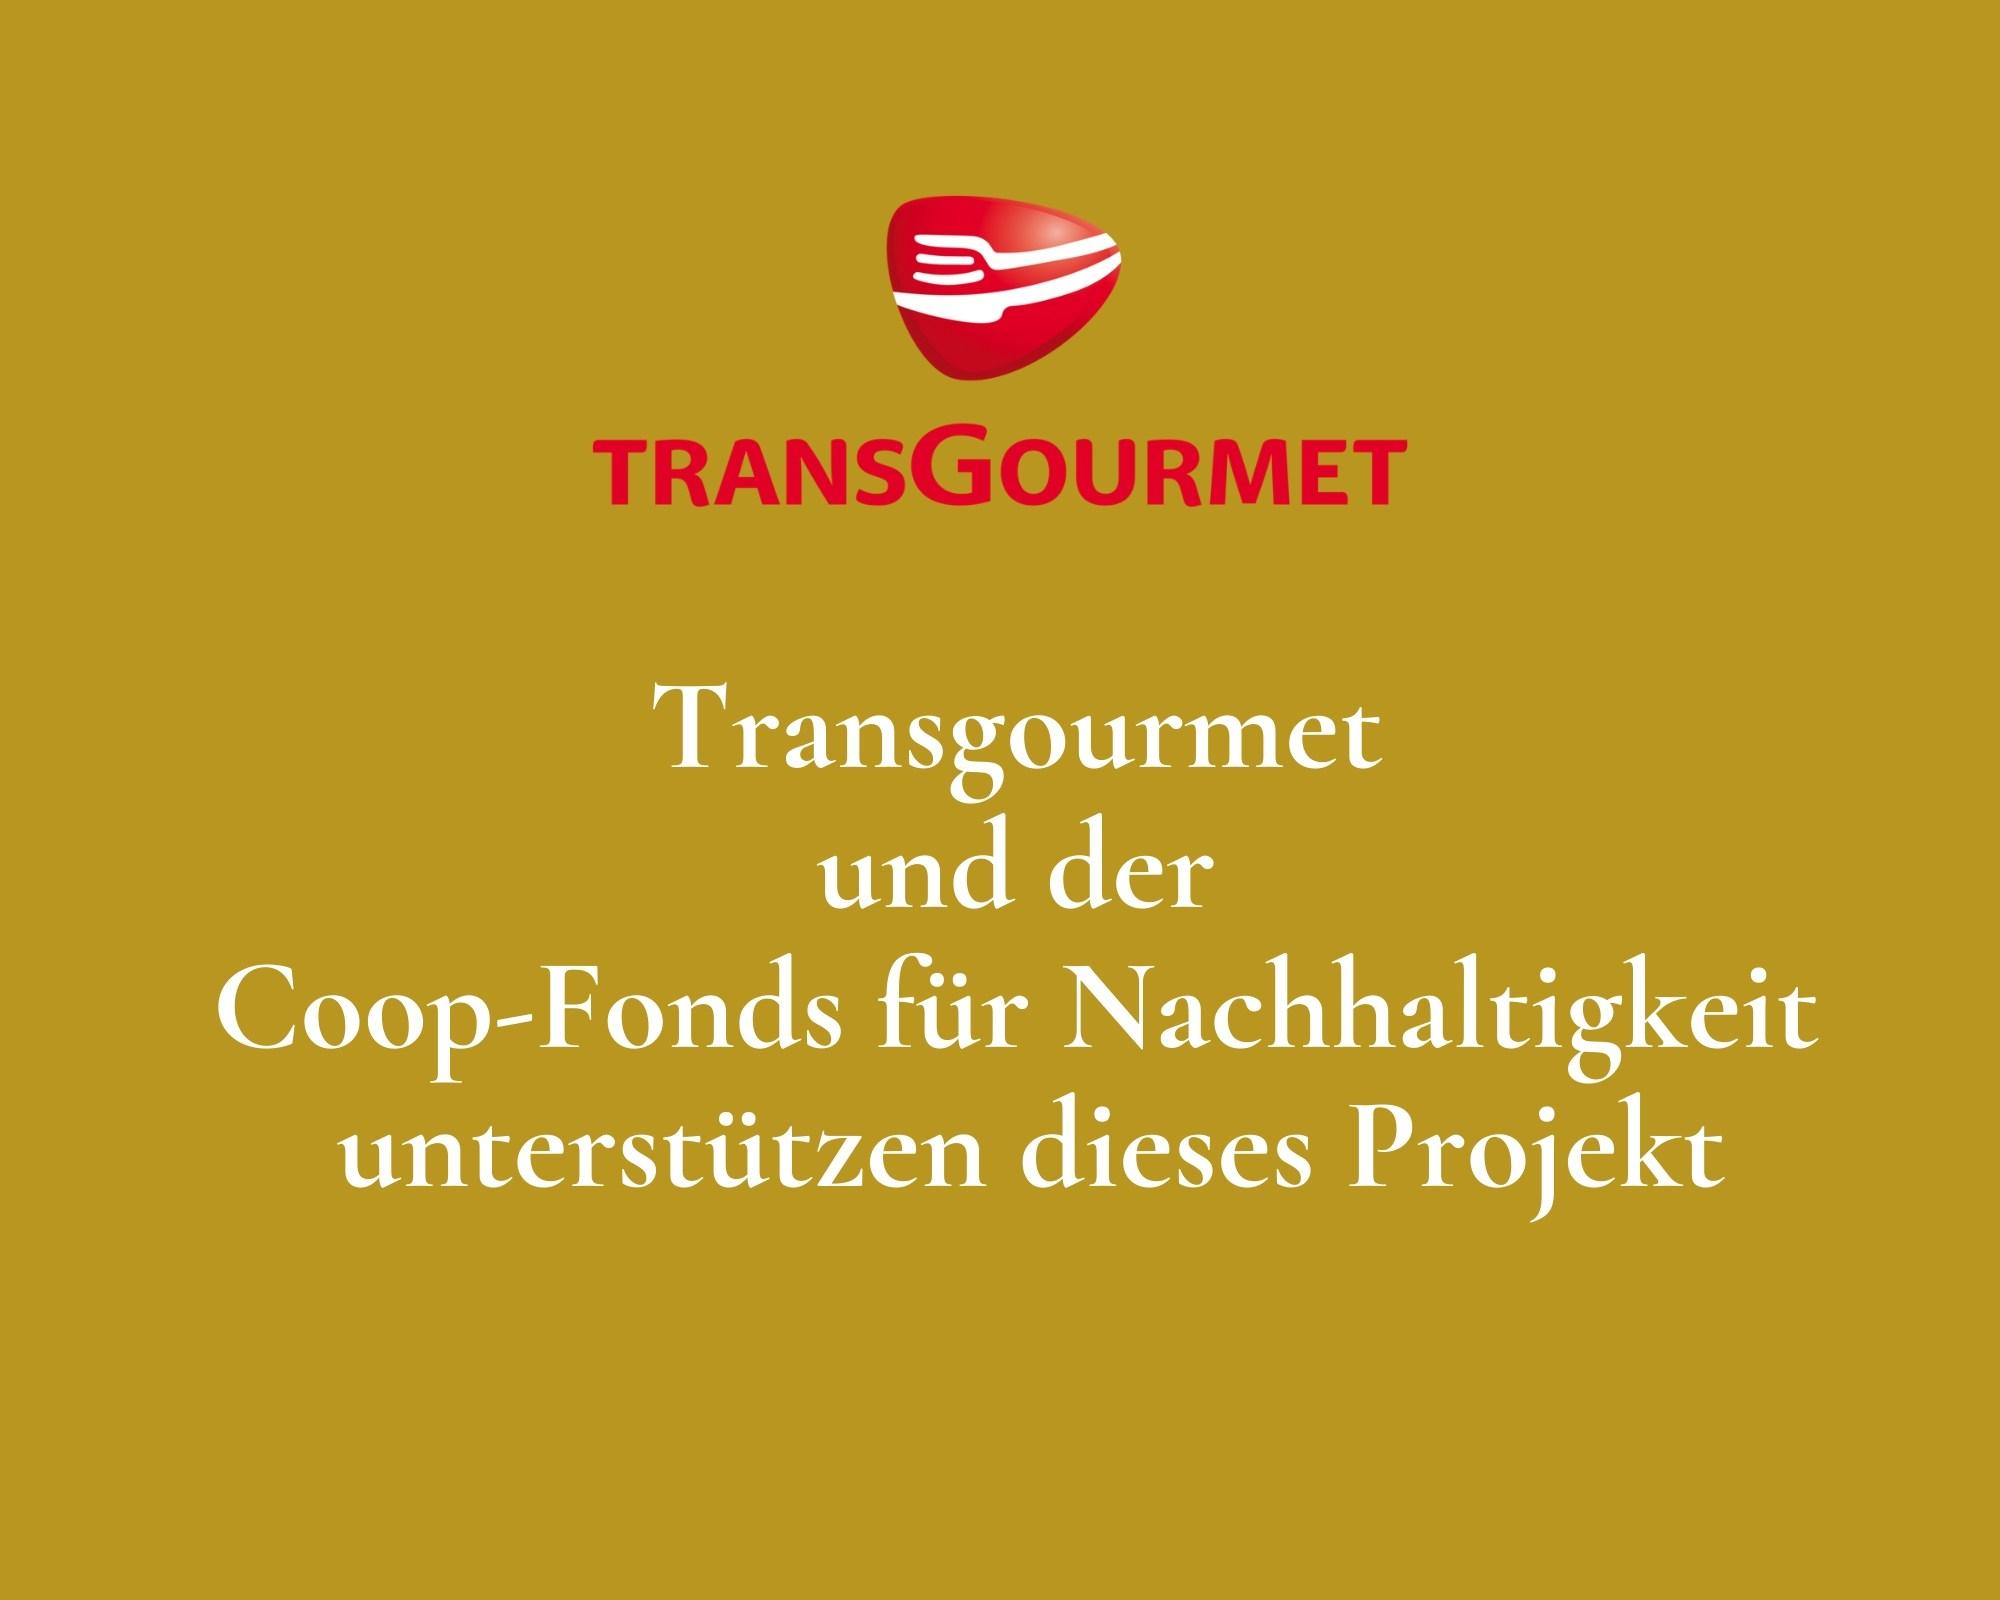 Transgourmet Coop Fond Nachhaltigkeit